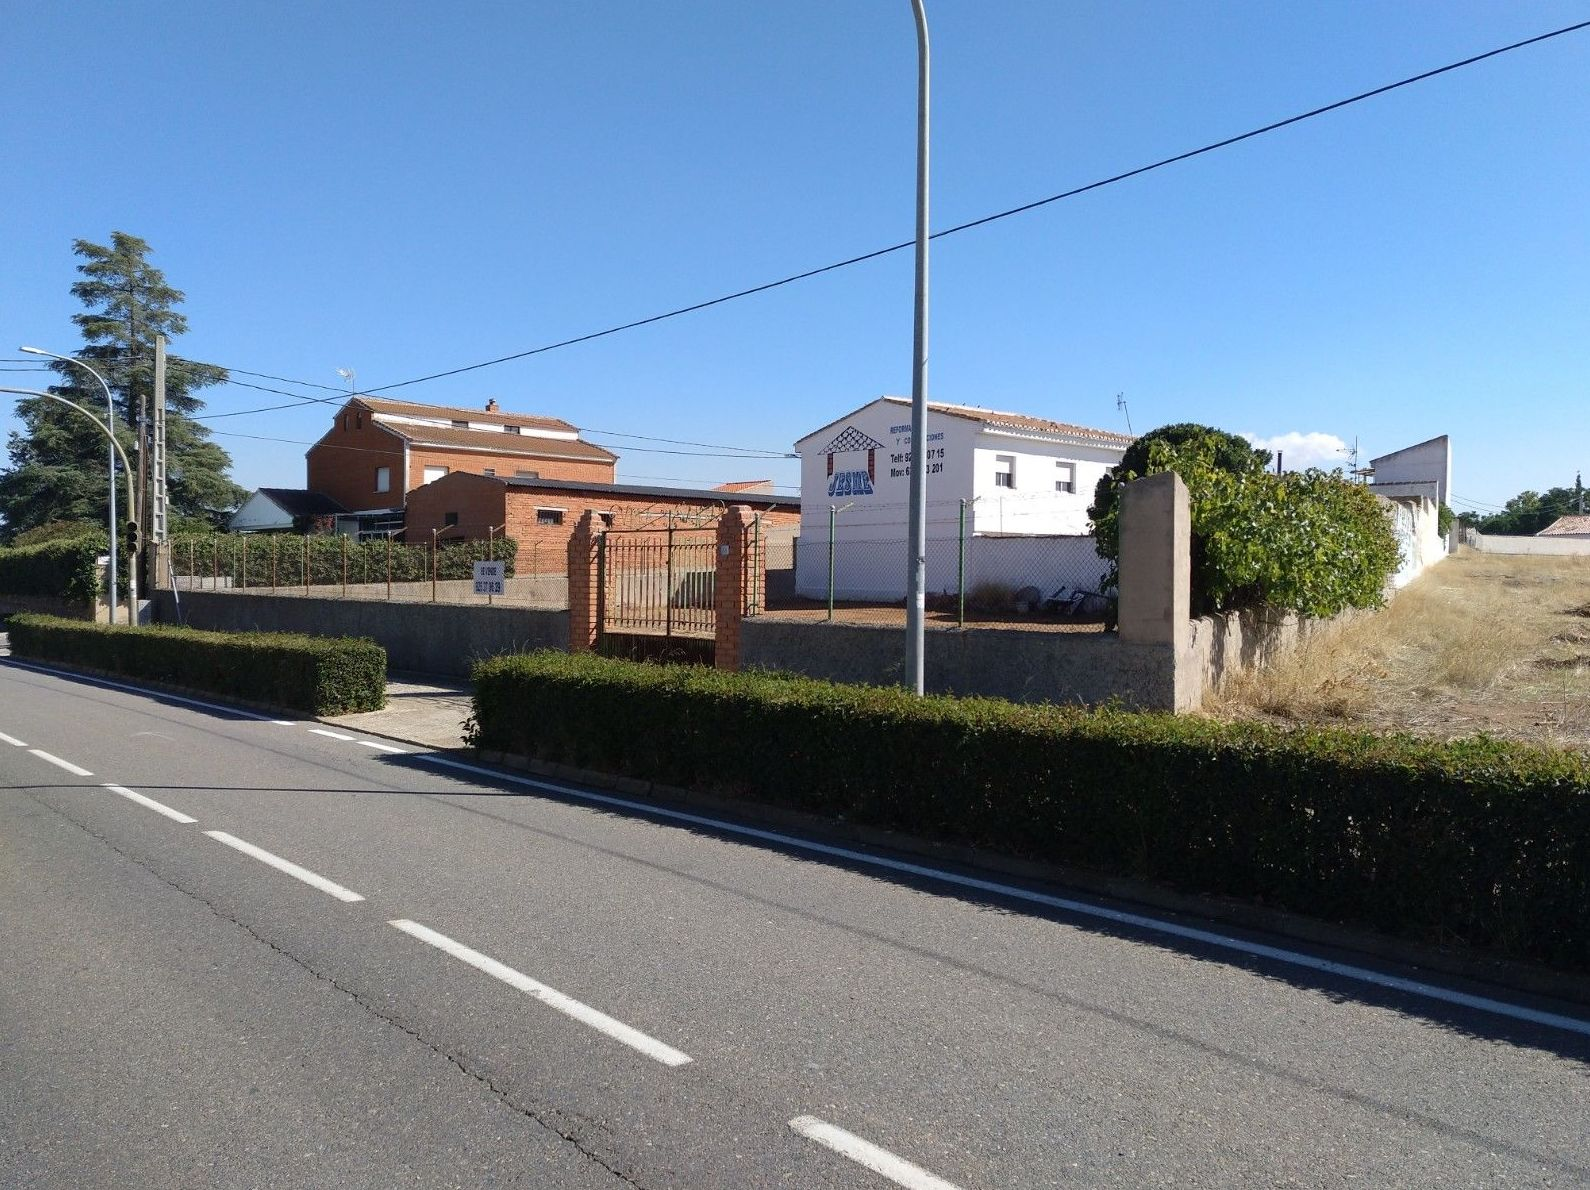 Parcela en Polan, toledo de 688m2: Inmuebles de Inmobiliaria La Montañesa